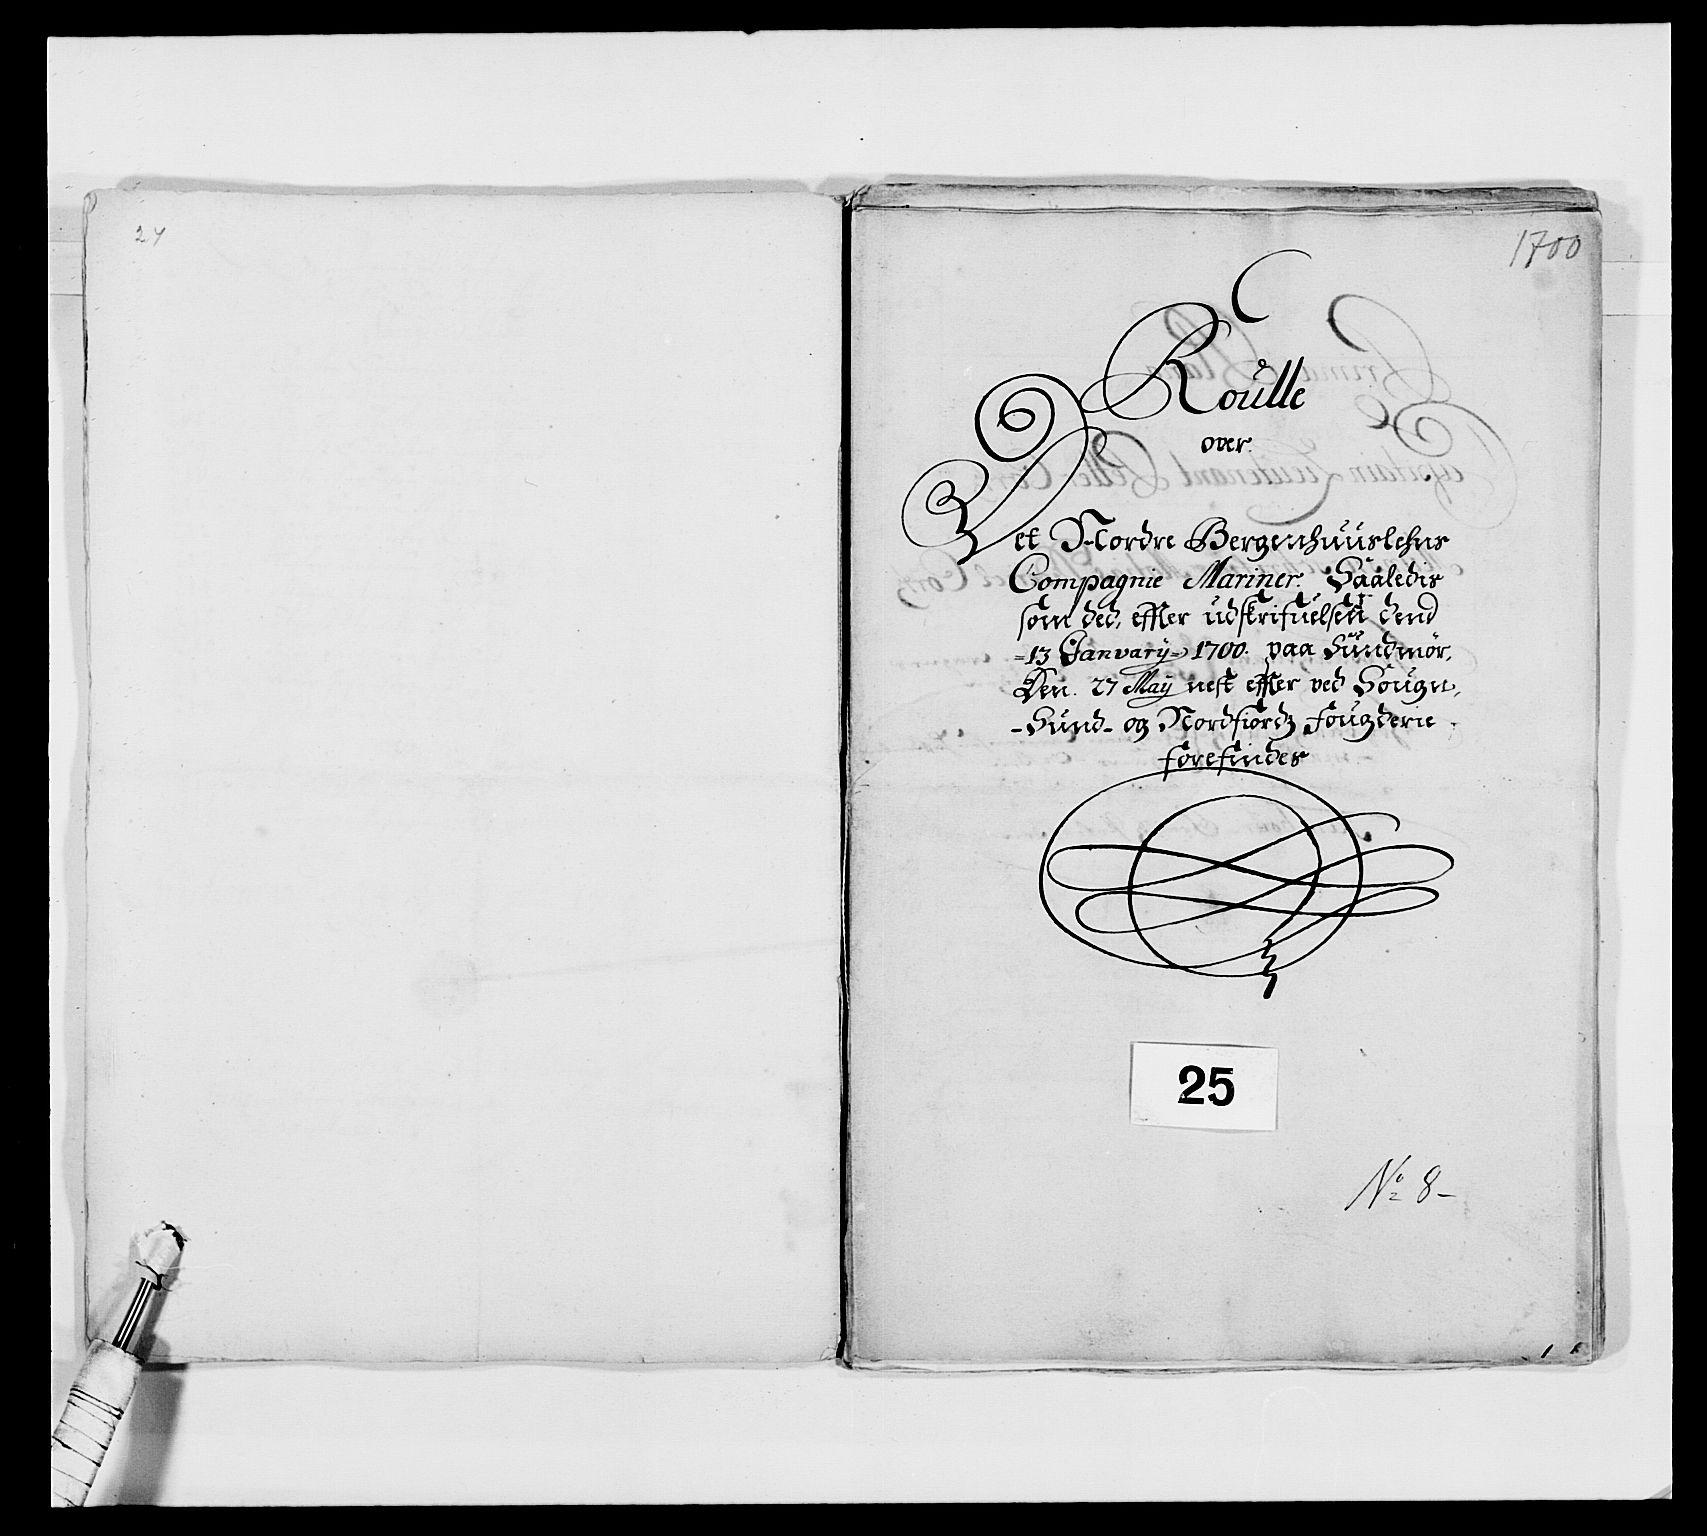 RA, Kommanderende general (KG I) med Det norske krigsdirektorium, E/Ea/L0473: Marineregimentet, 1664-1700, s. 287